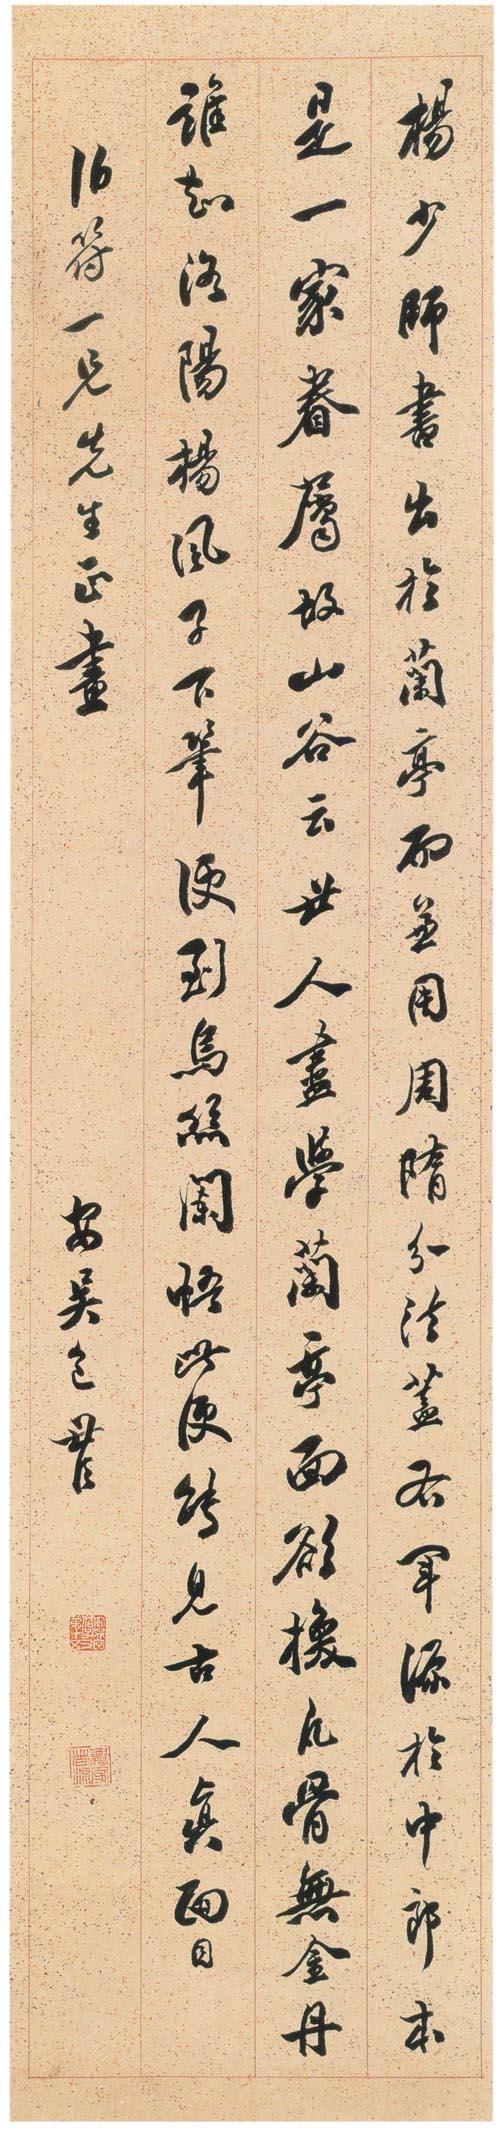 包世臣《行书论书轴》色笺行书 安徽省博物馆藏